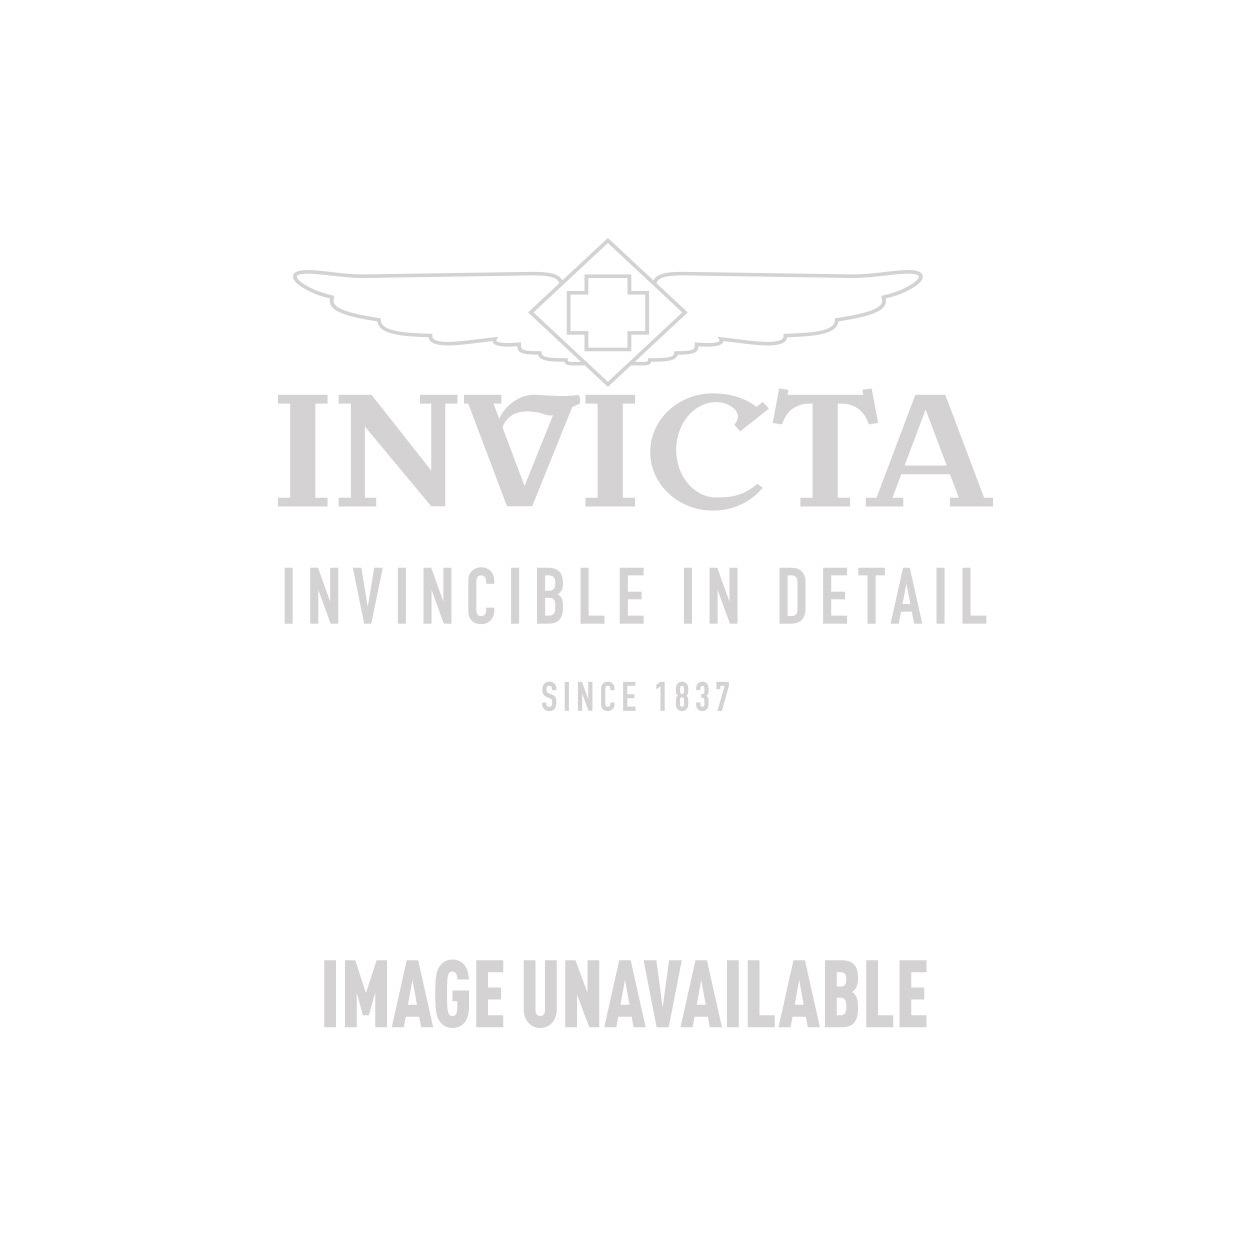 Invicta Model 29111